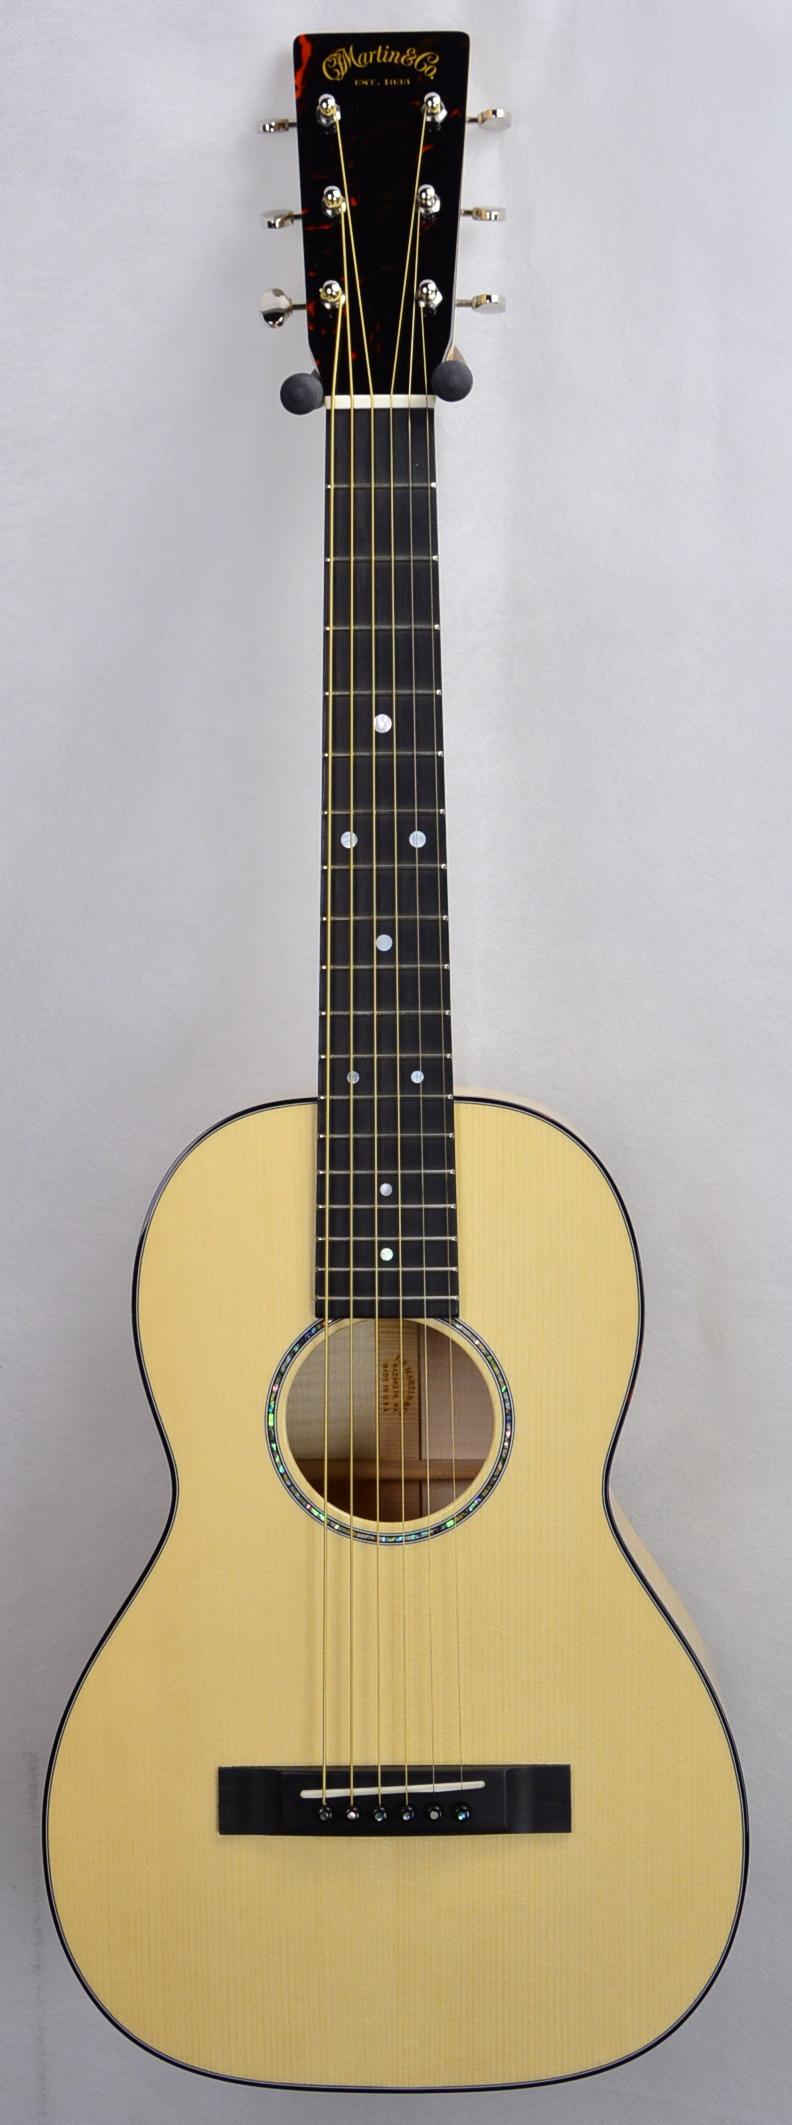 Q-2333824 S-1794471 Size 5 Fl Maple Engelmann (1).JPG